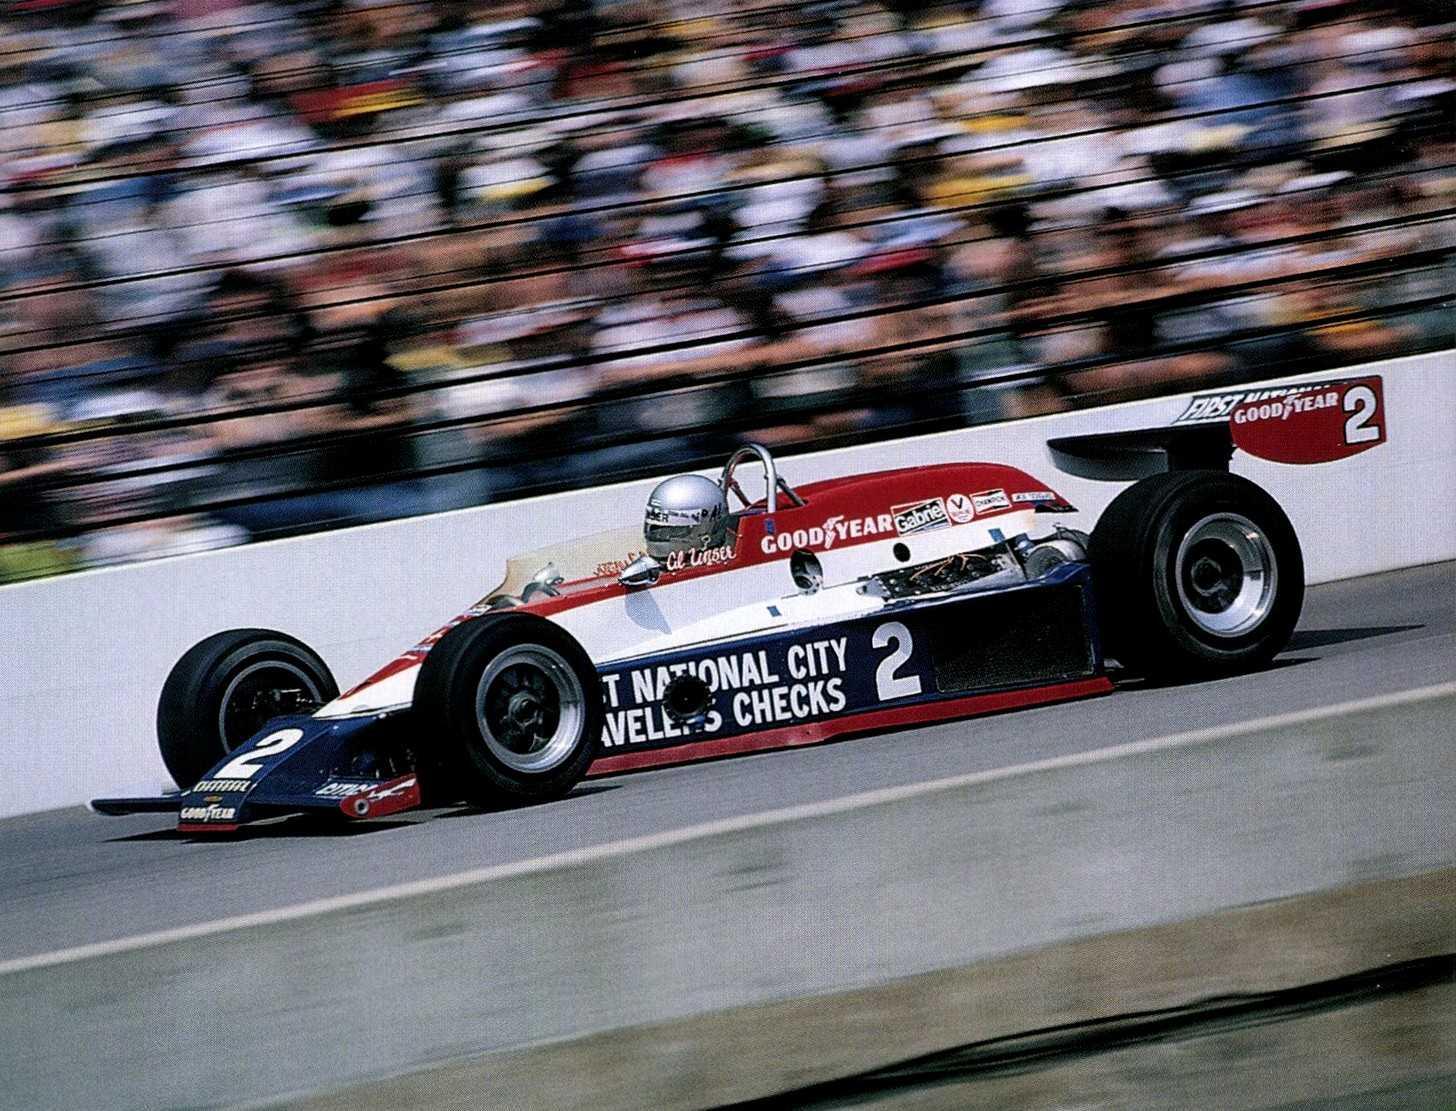 Эл Анзер на «Лола Т500 Косуорт» на пути к победе в «Инди-500»'78